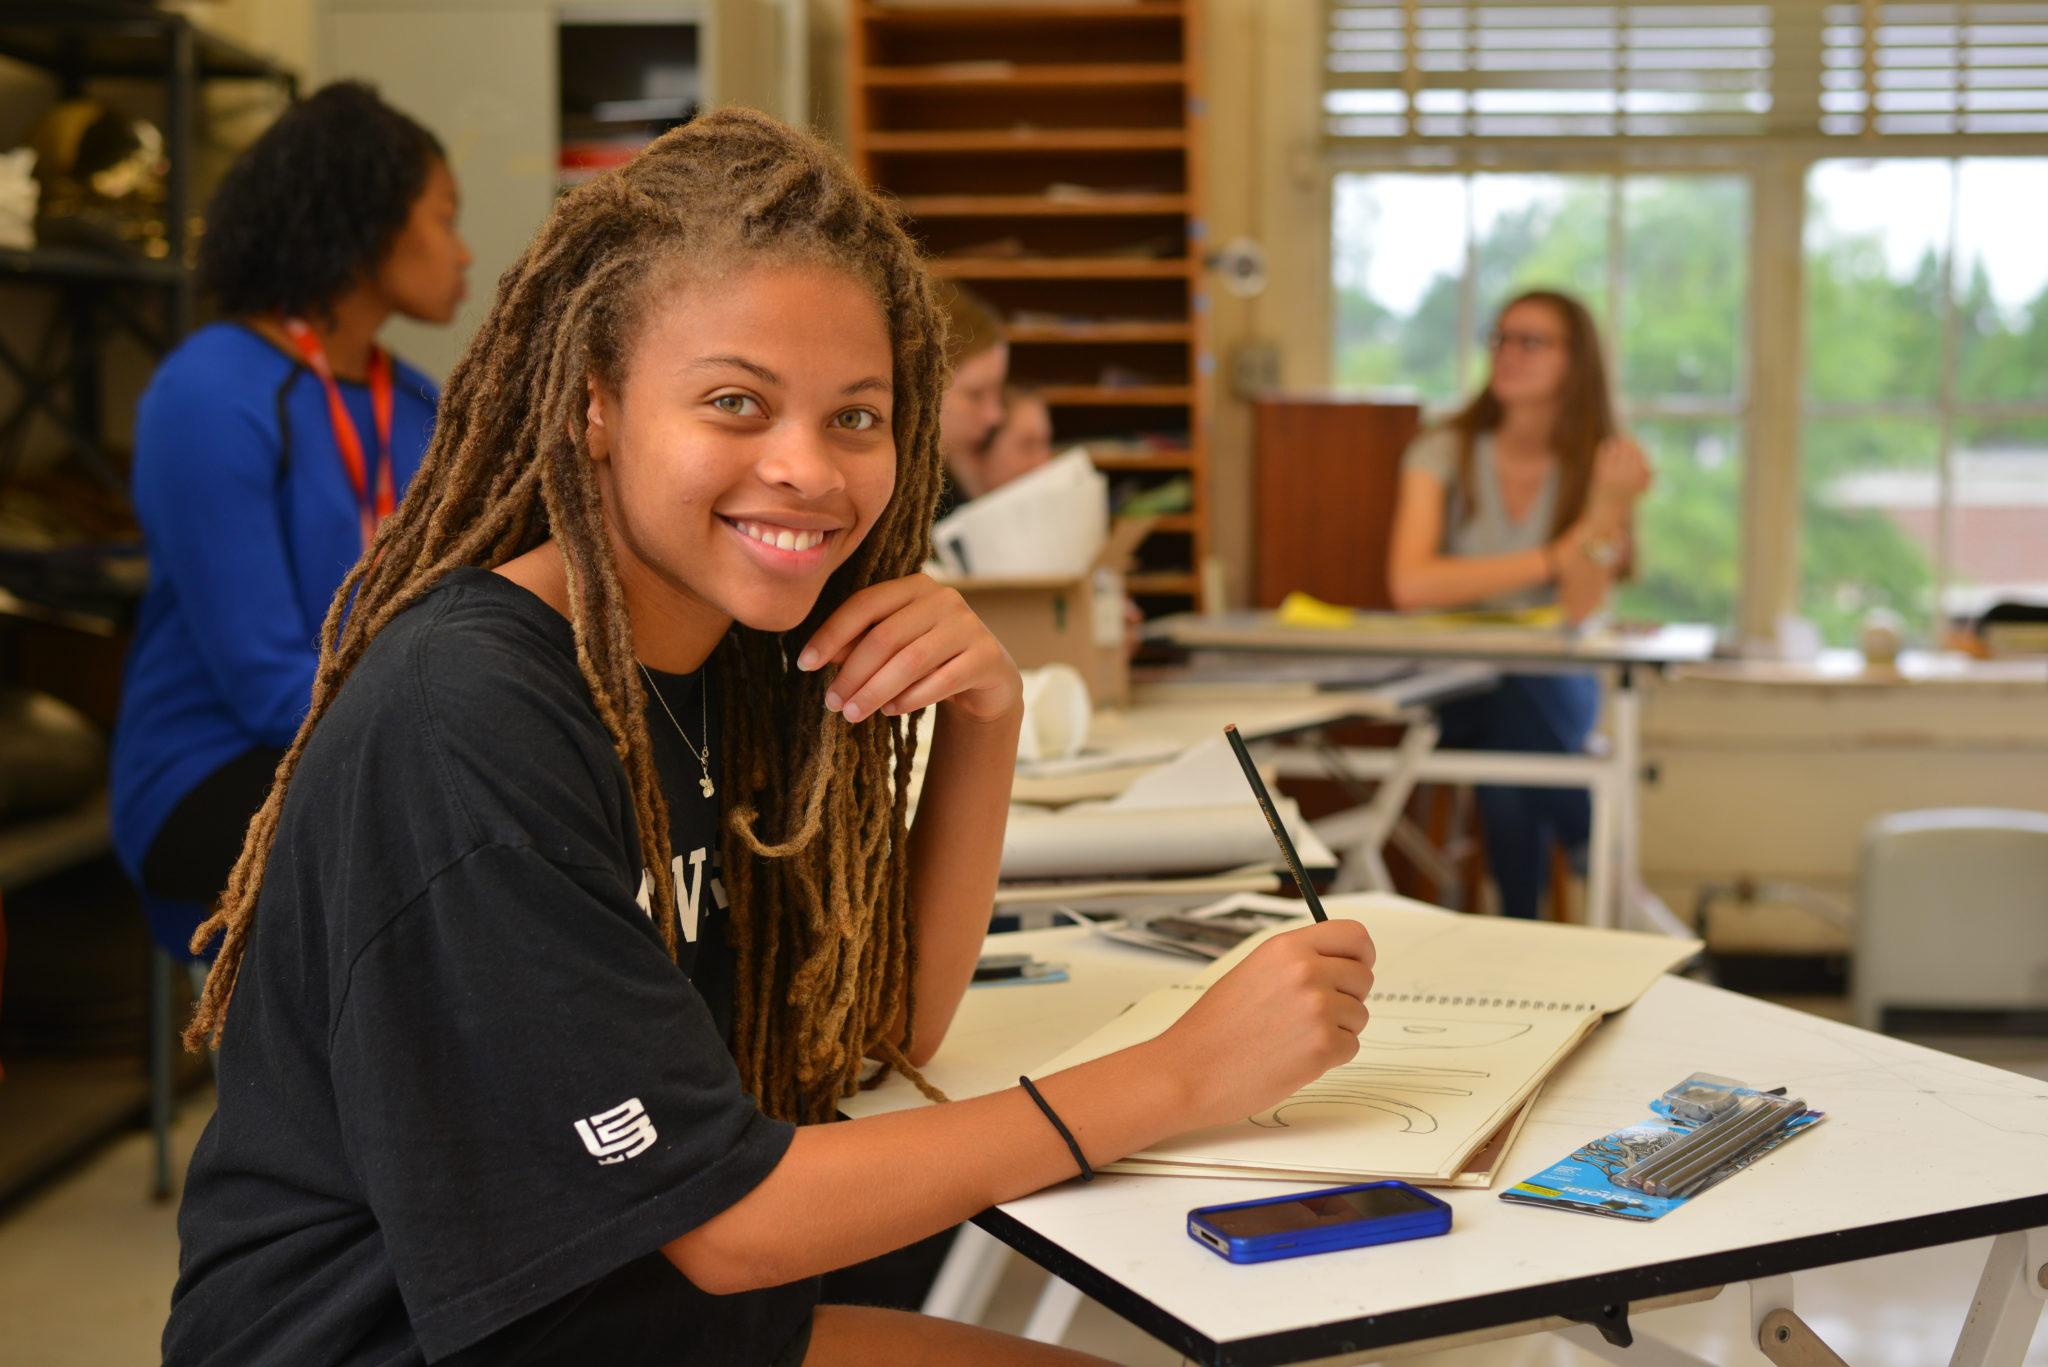 A student in an art class